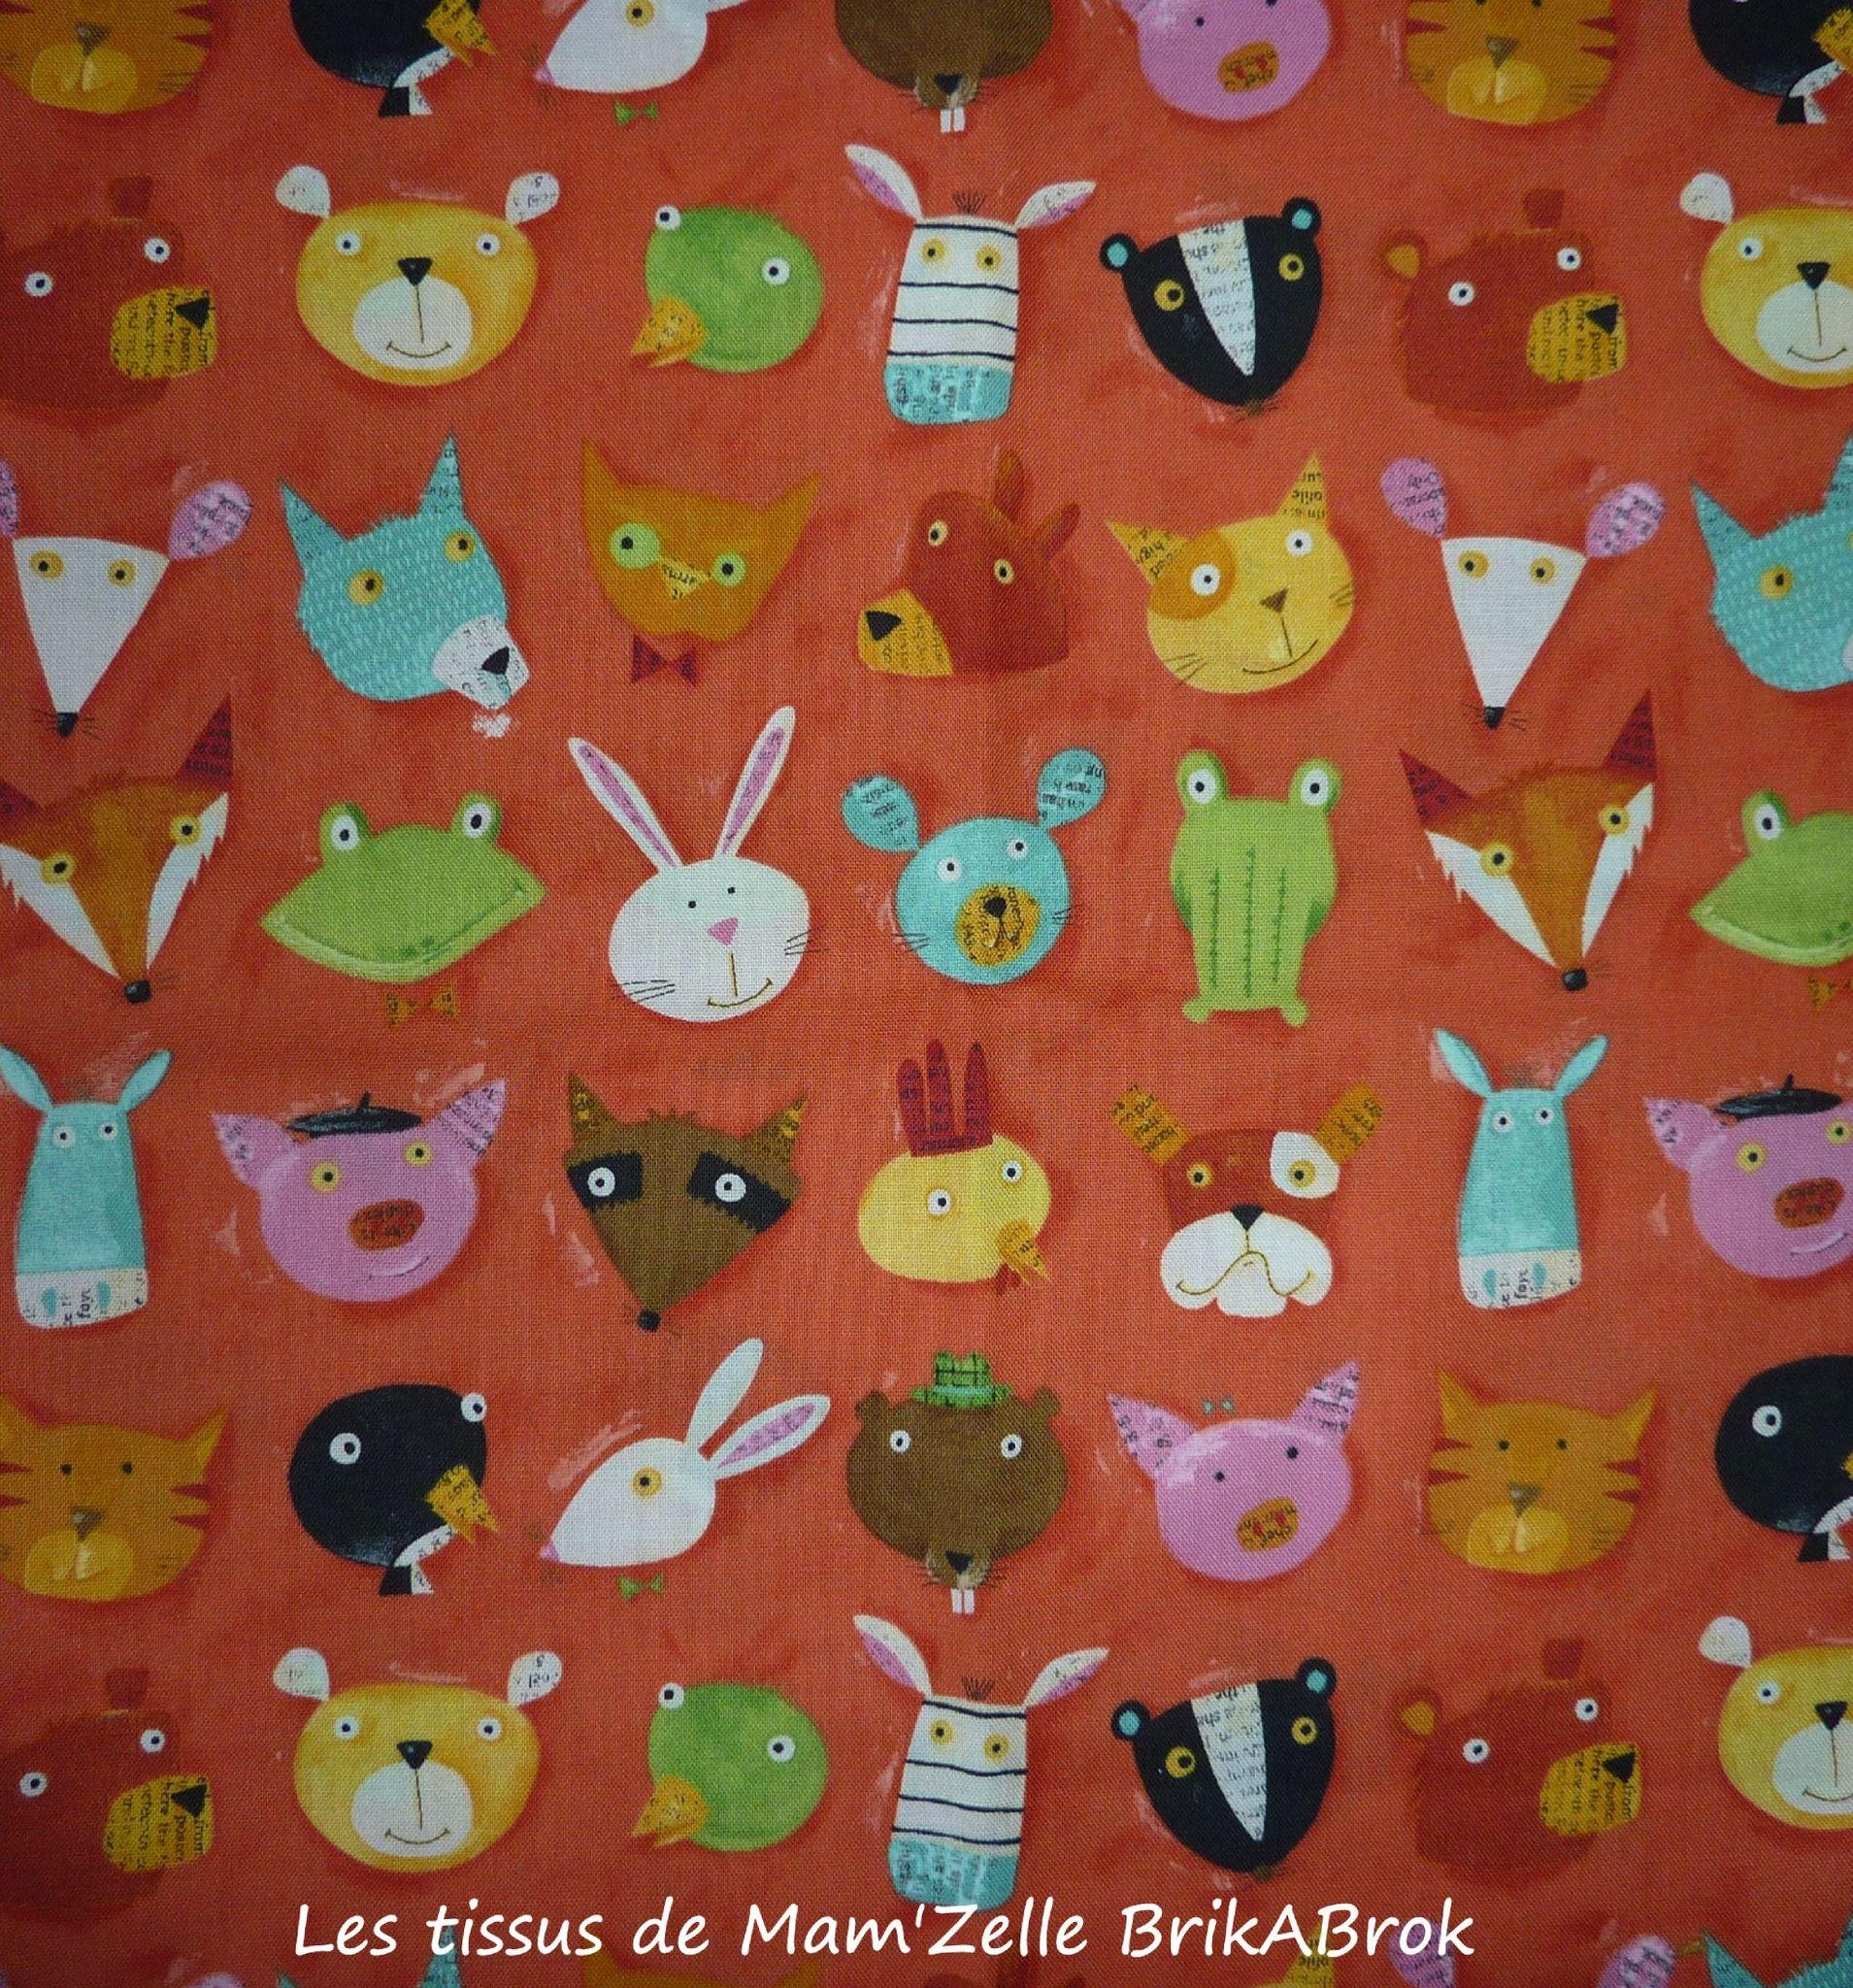 138 - Les ptites bêtes de Kokka sur fond orange